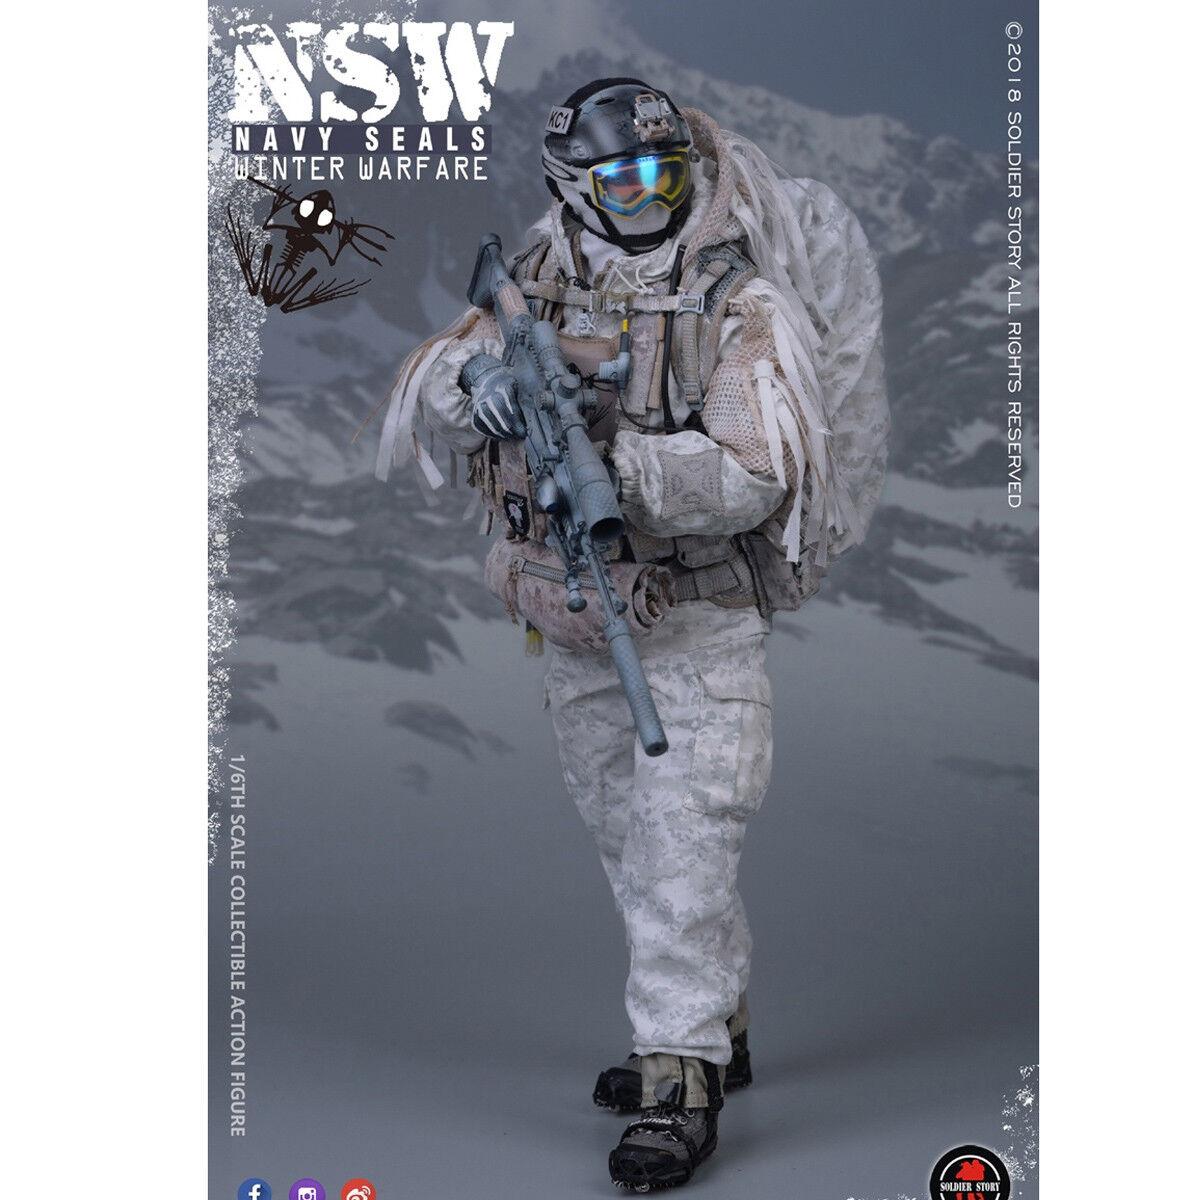 colores increíbles Soldierstory SS109 1 6 NSW Guerra de Invierno Invierno Invierno  Tirador  Navy Seals Macho Coleccionable  mejor calidad